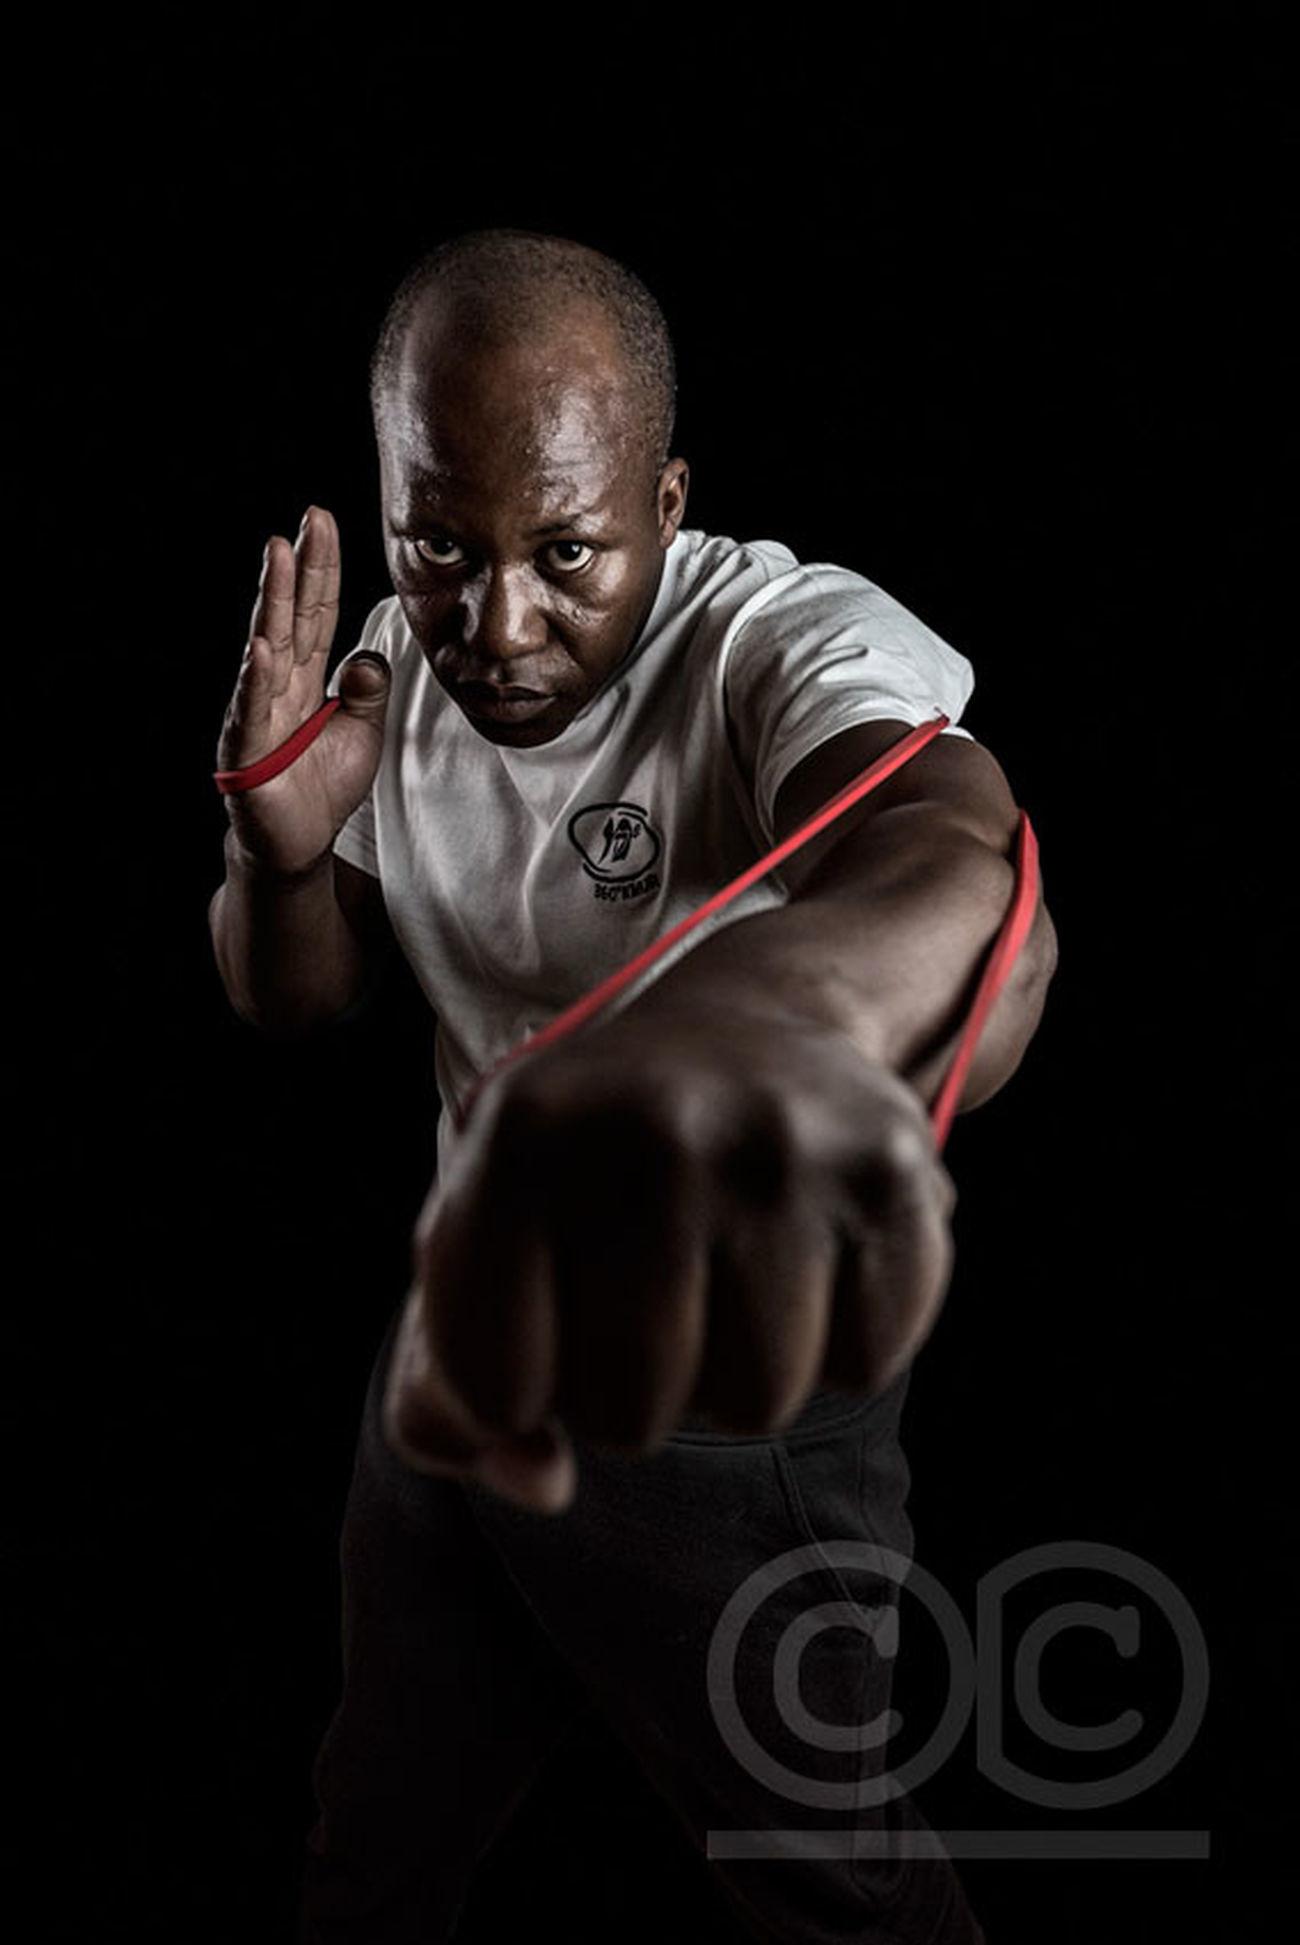 Merci à kmur pour m'avoir aidé à remettre les gants du portrait :-) Krav Maga Entrainnement Sport Training Kravmaga Kmur